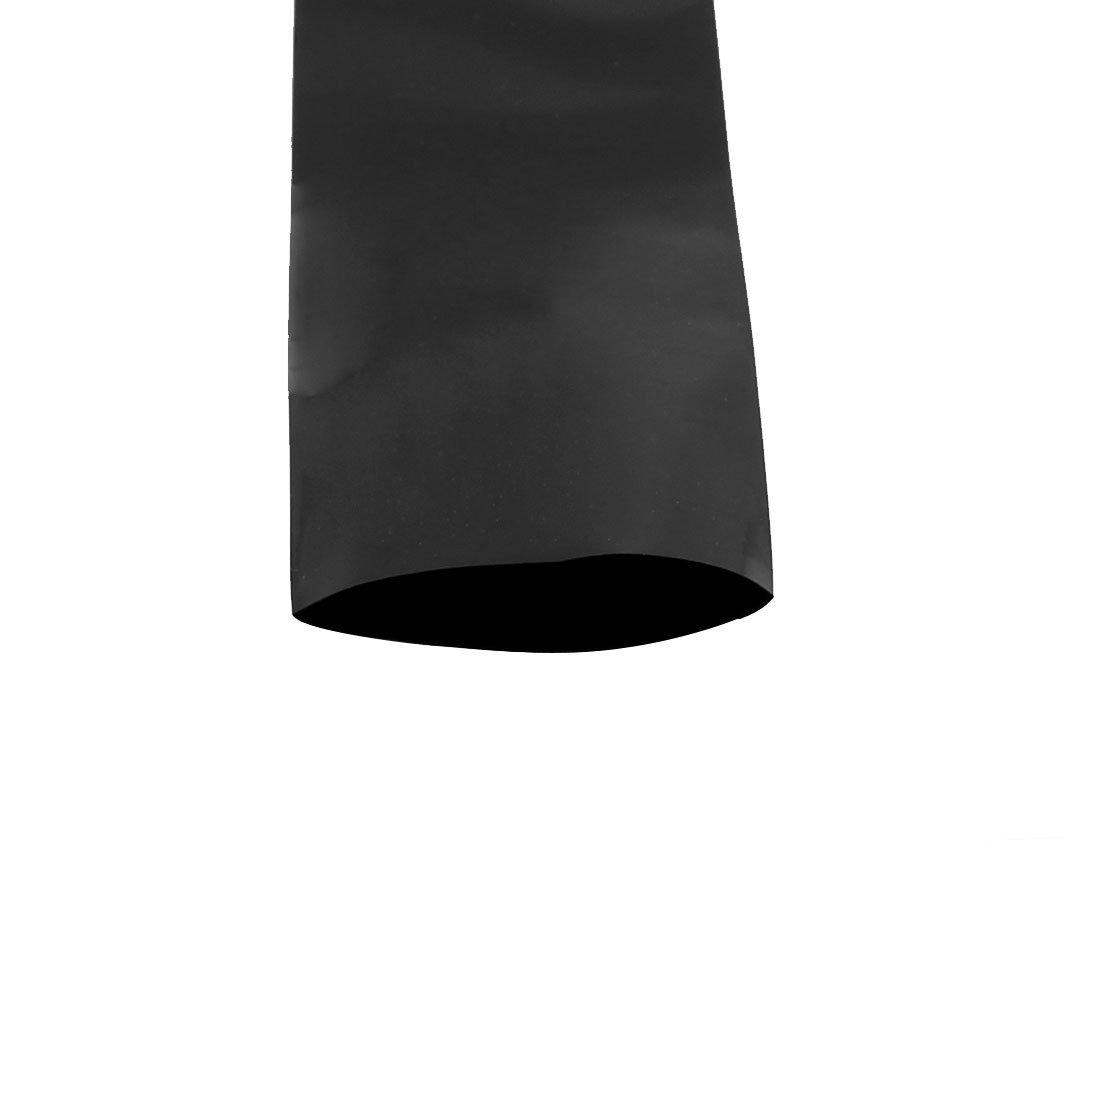 eDealMax 60 mm Placa Grande 3,5 m Longueur PVC Termoretractables Tubo Noir Pour 18650 bater/ía